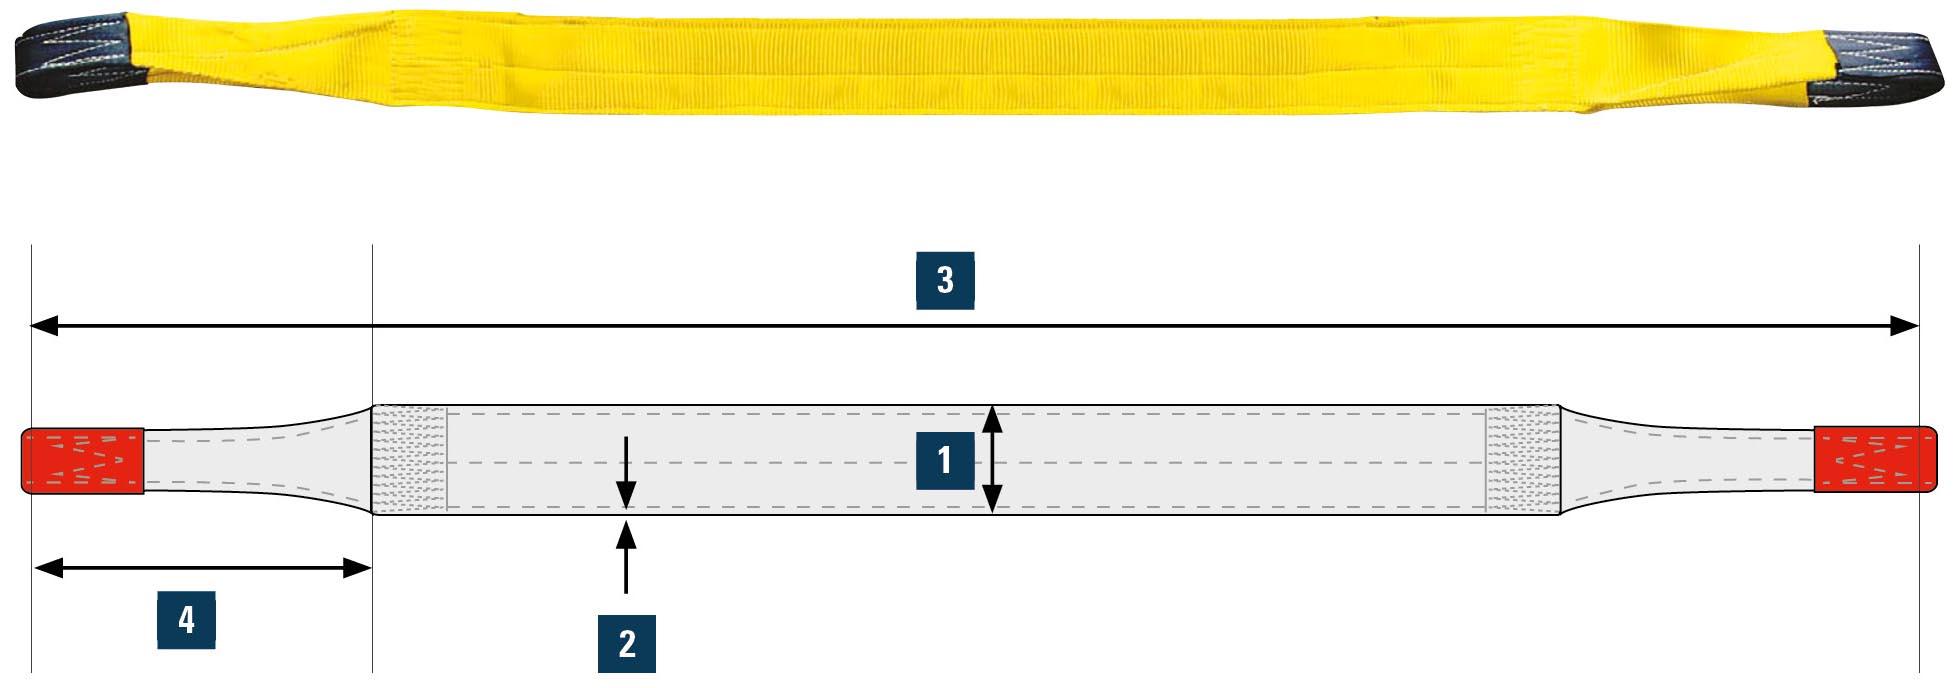 Flat Slings 2 Ply